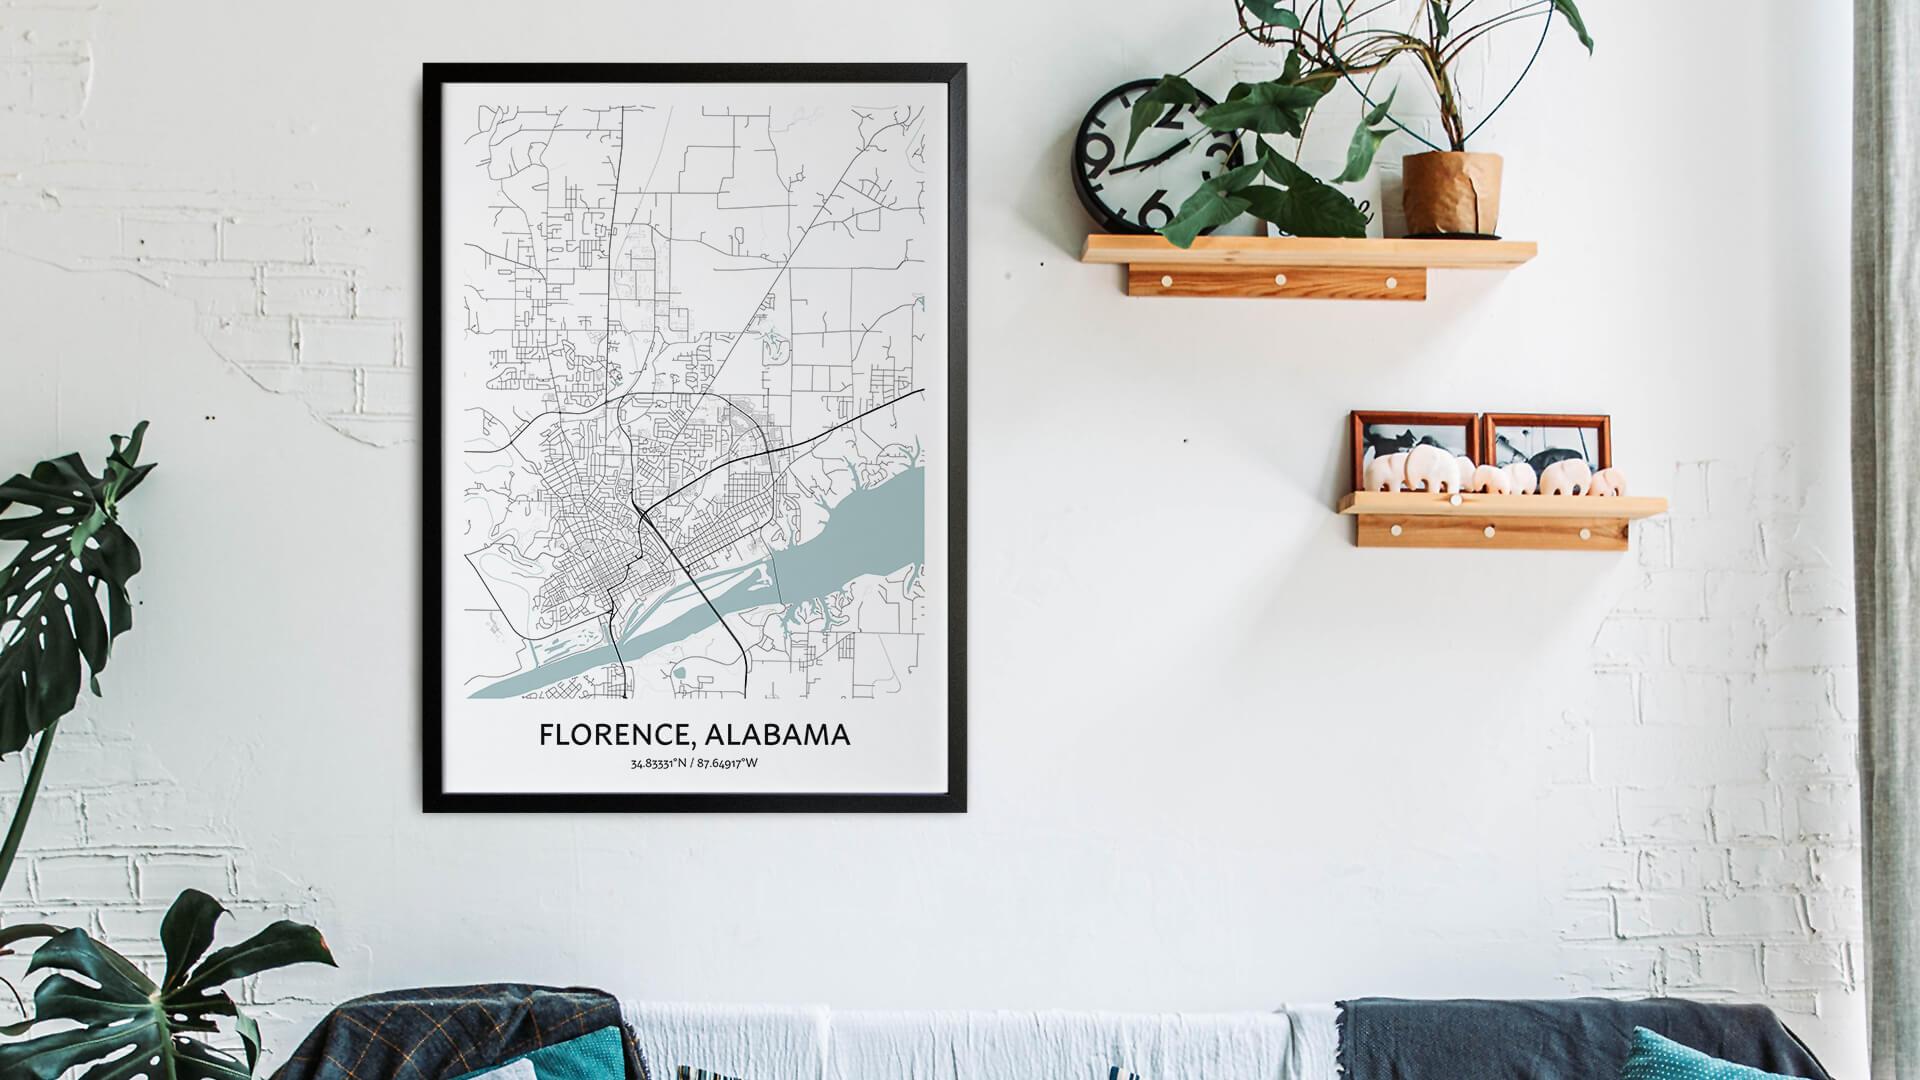 Florence Alabama map art